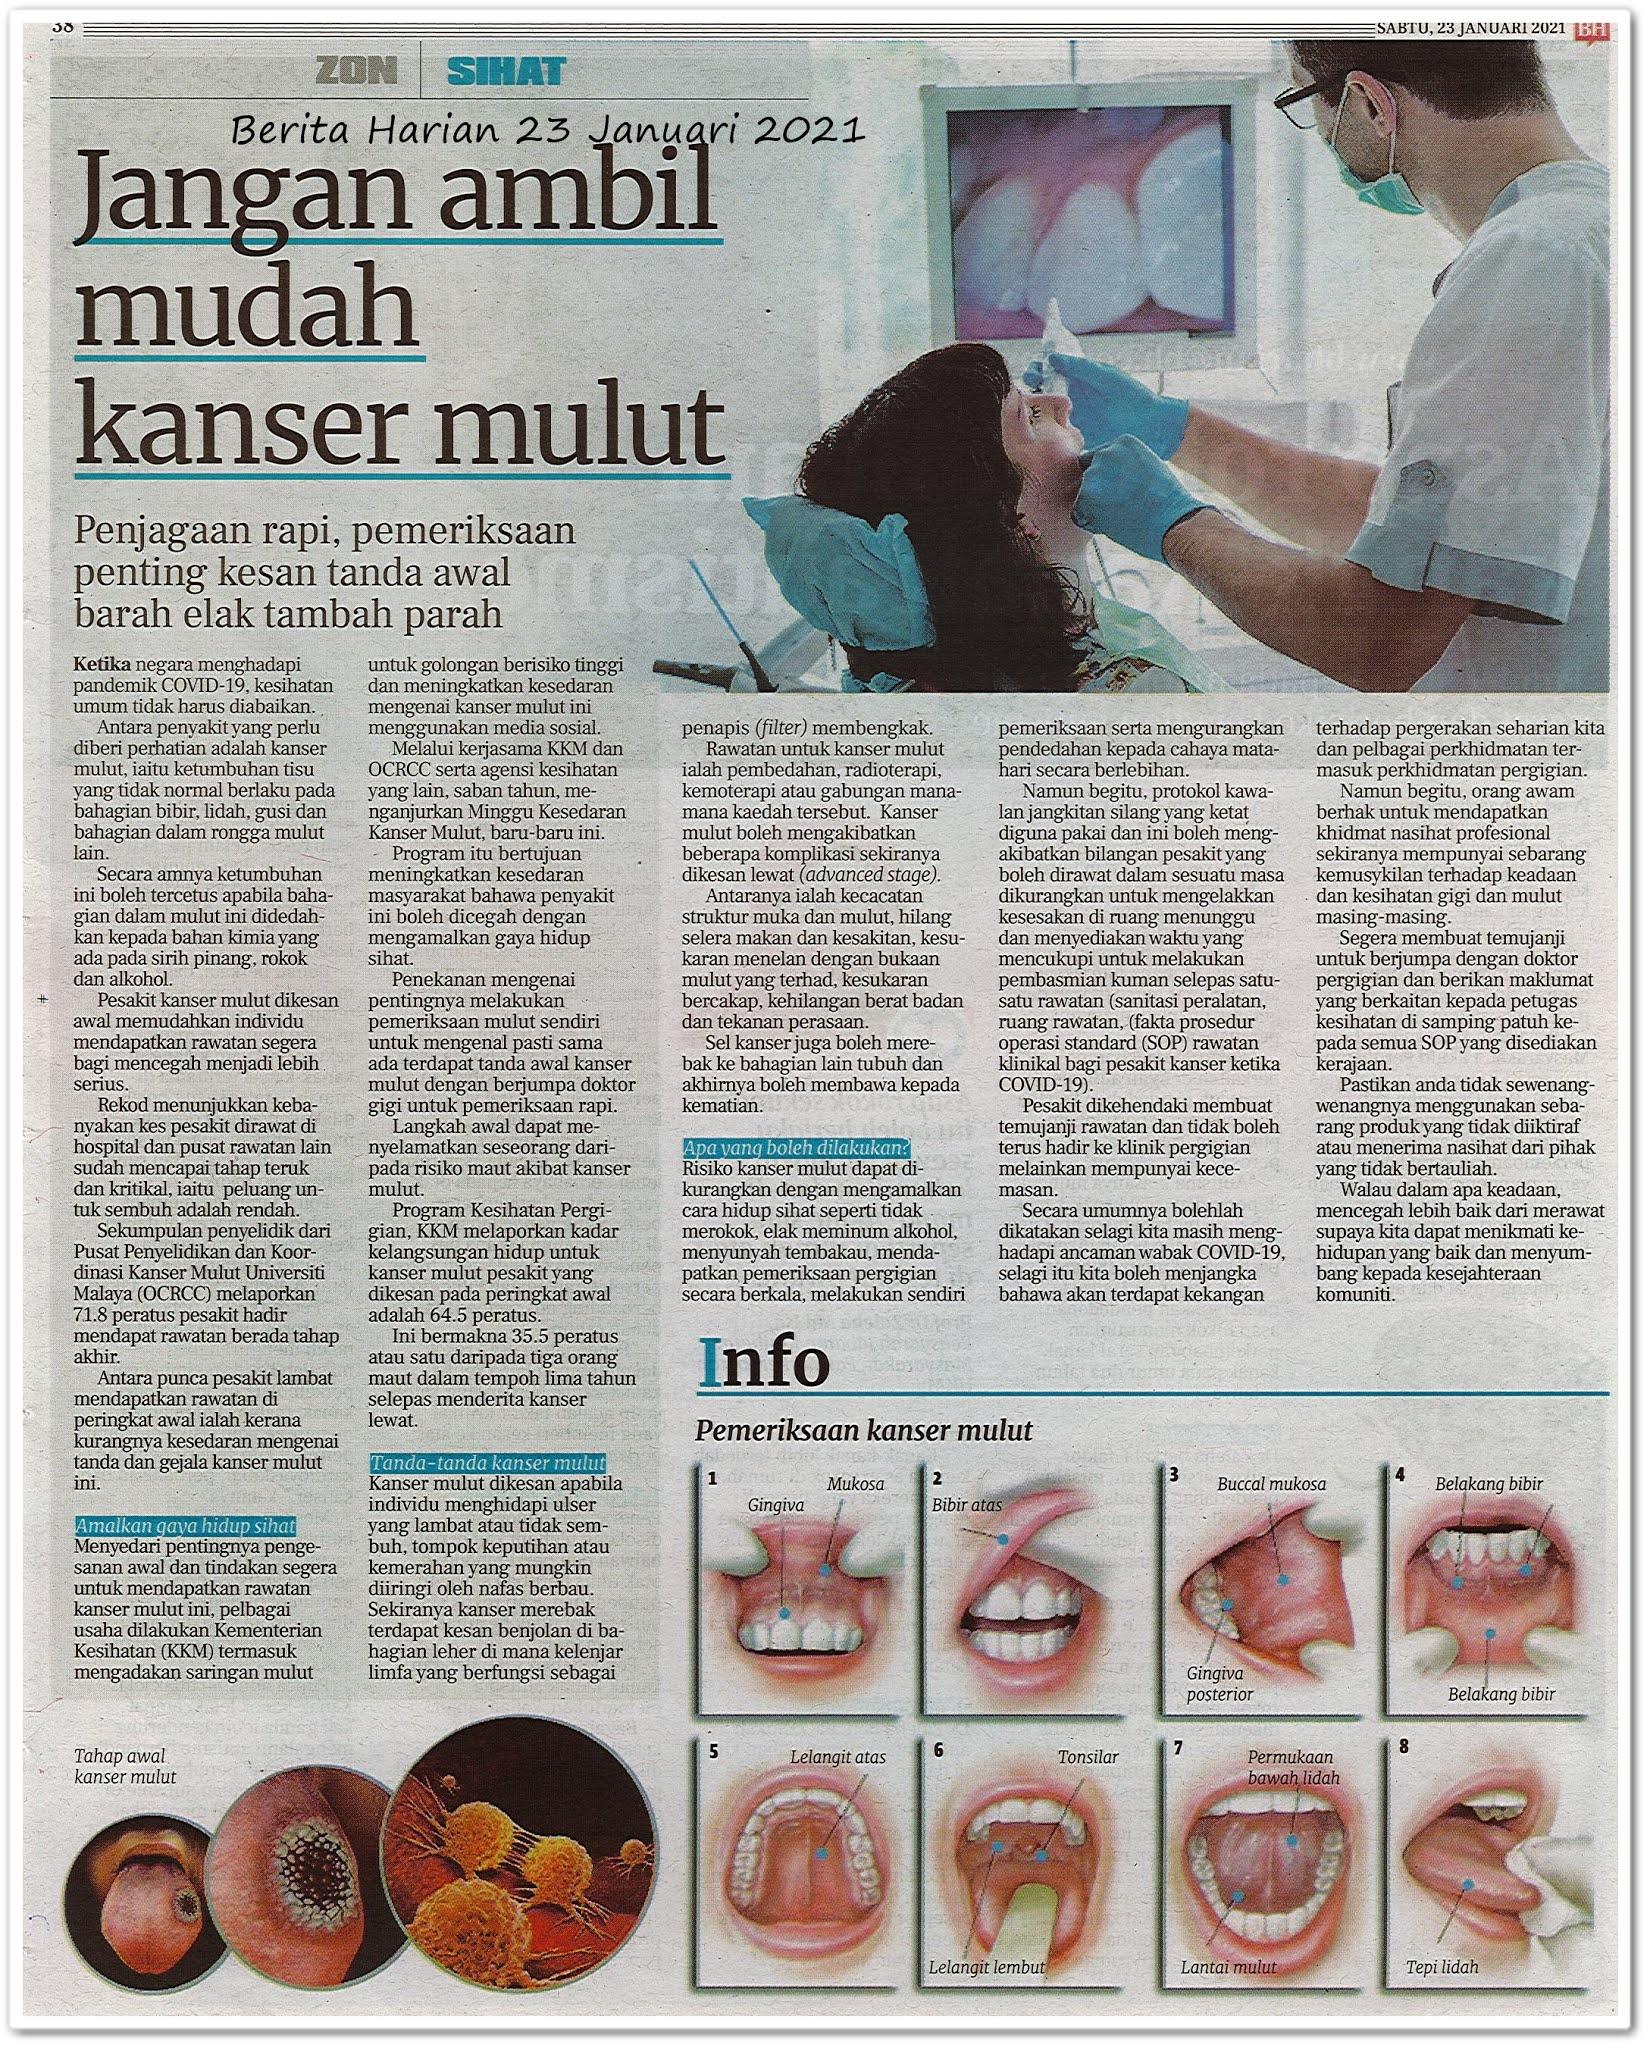 Jangan ambil mudah kanser mulut - Keratan akhbar Sinar Harian 23 Januari 2021